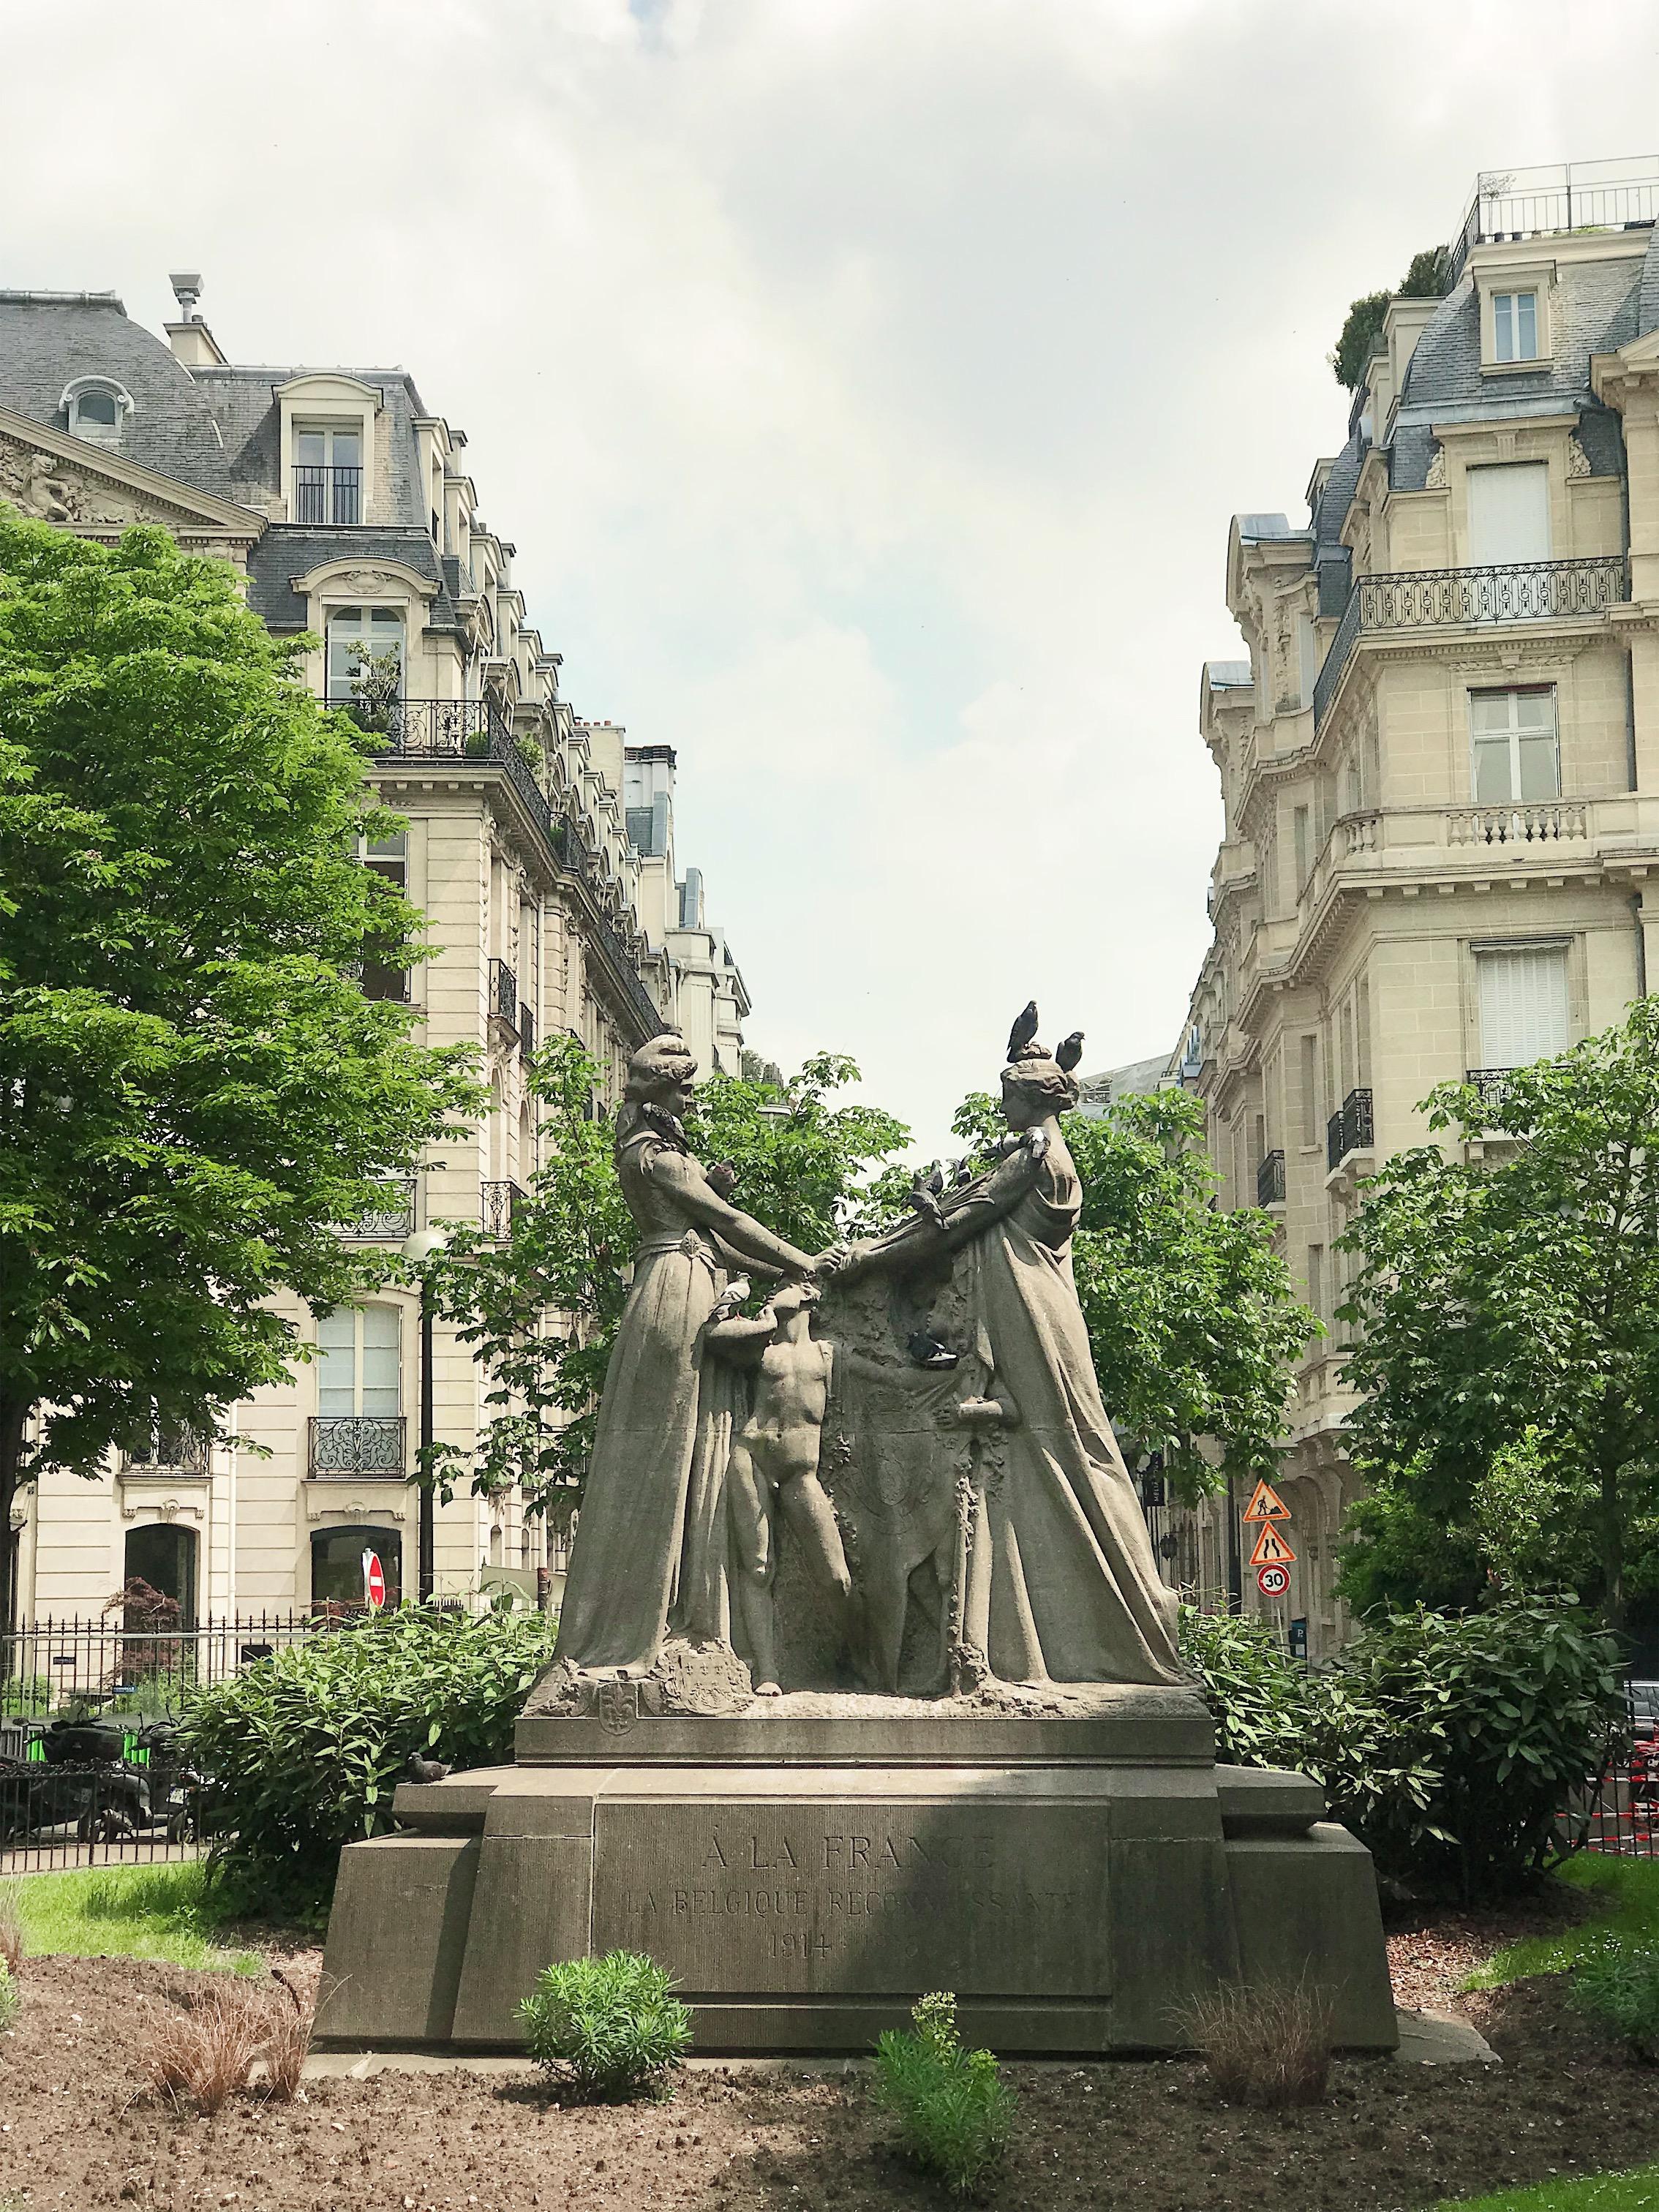 Sculpture in the 8th, Champs-Elysées, Paris